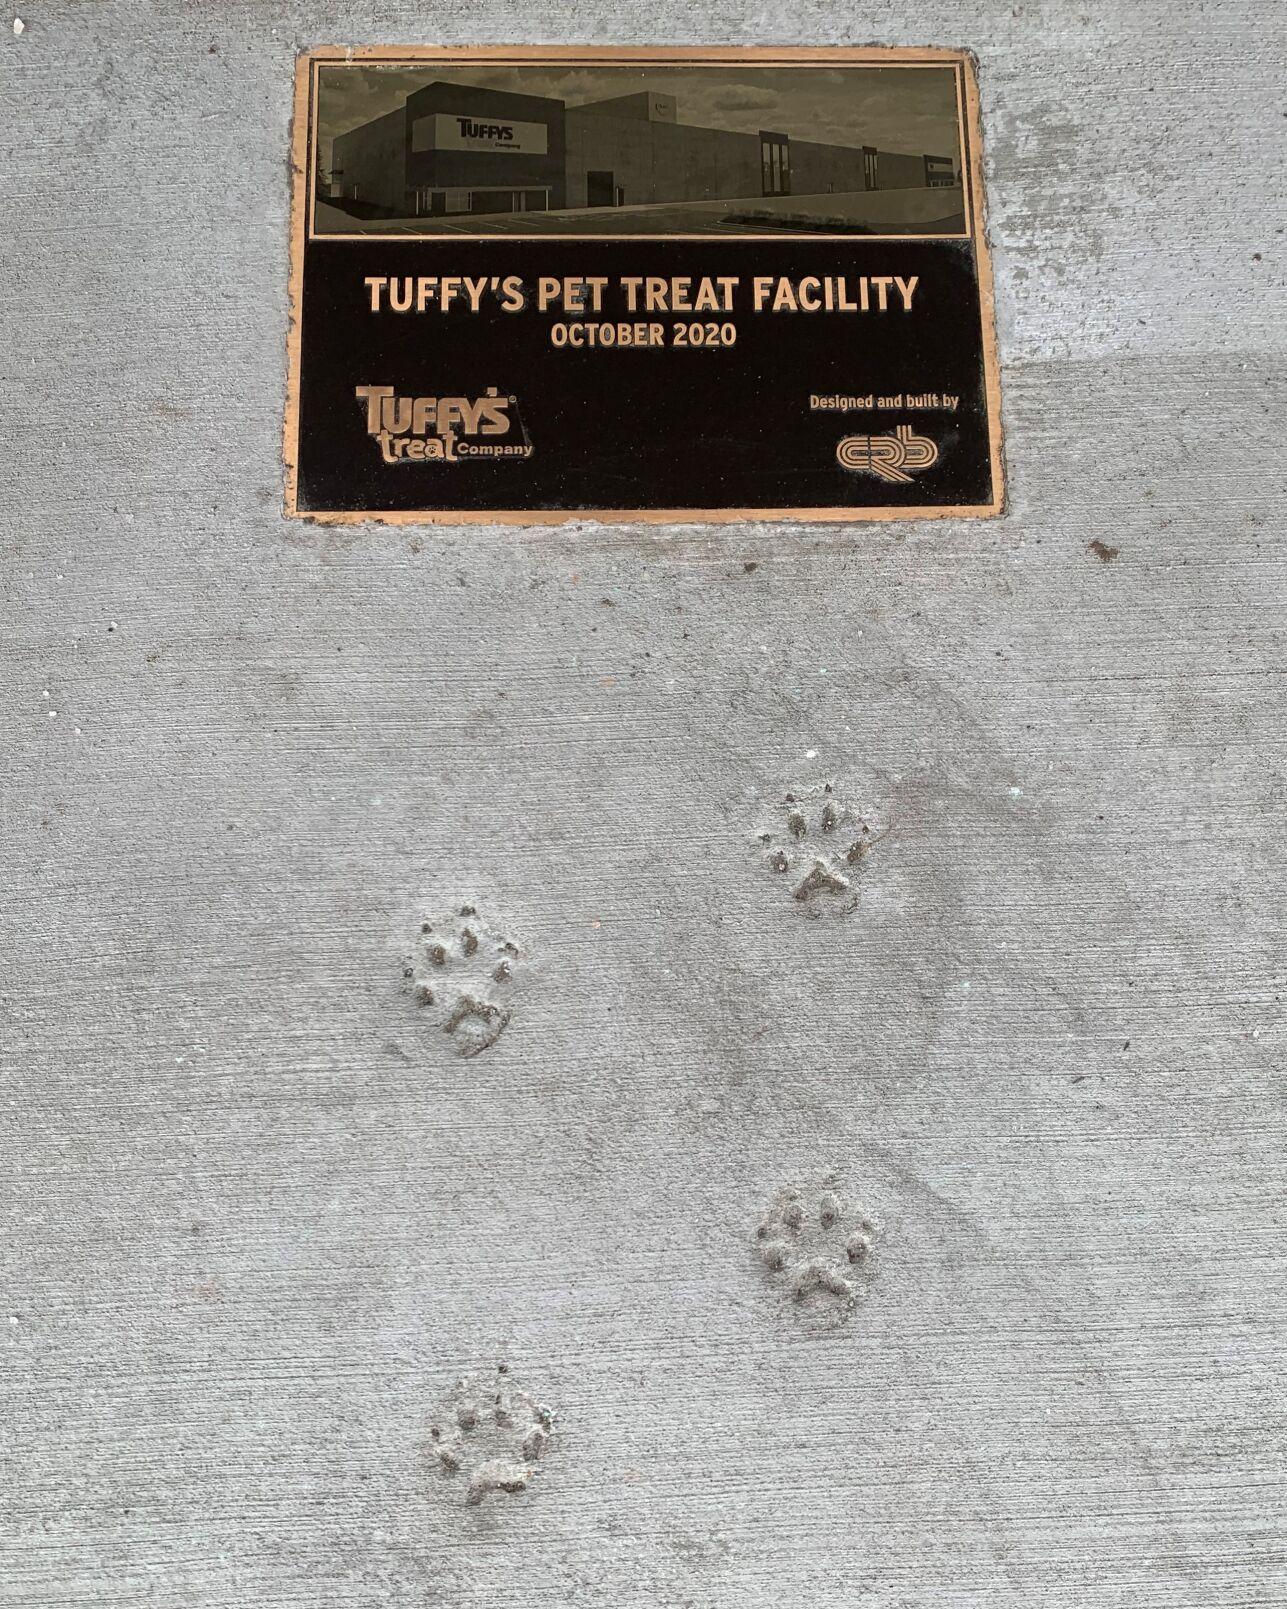 Tuffy's Treat new facility